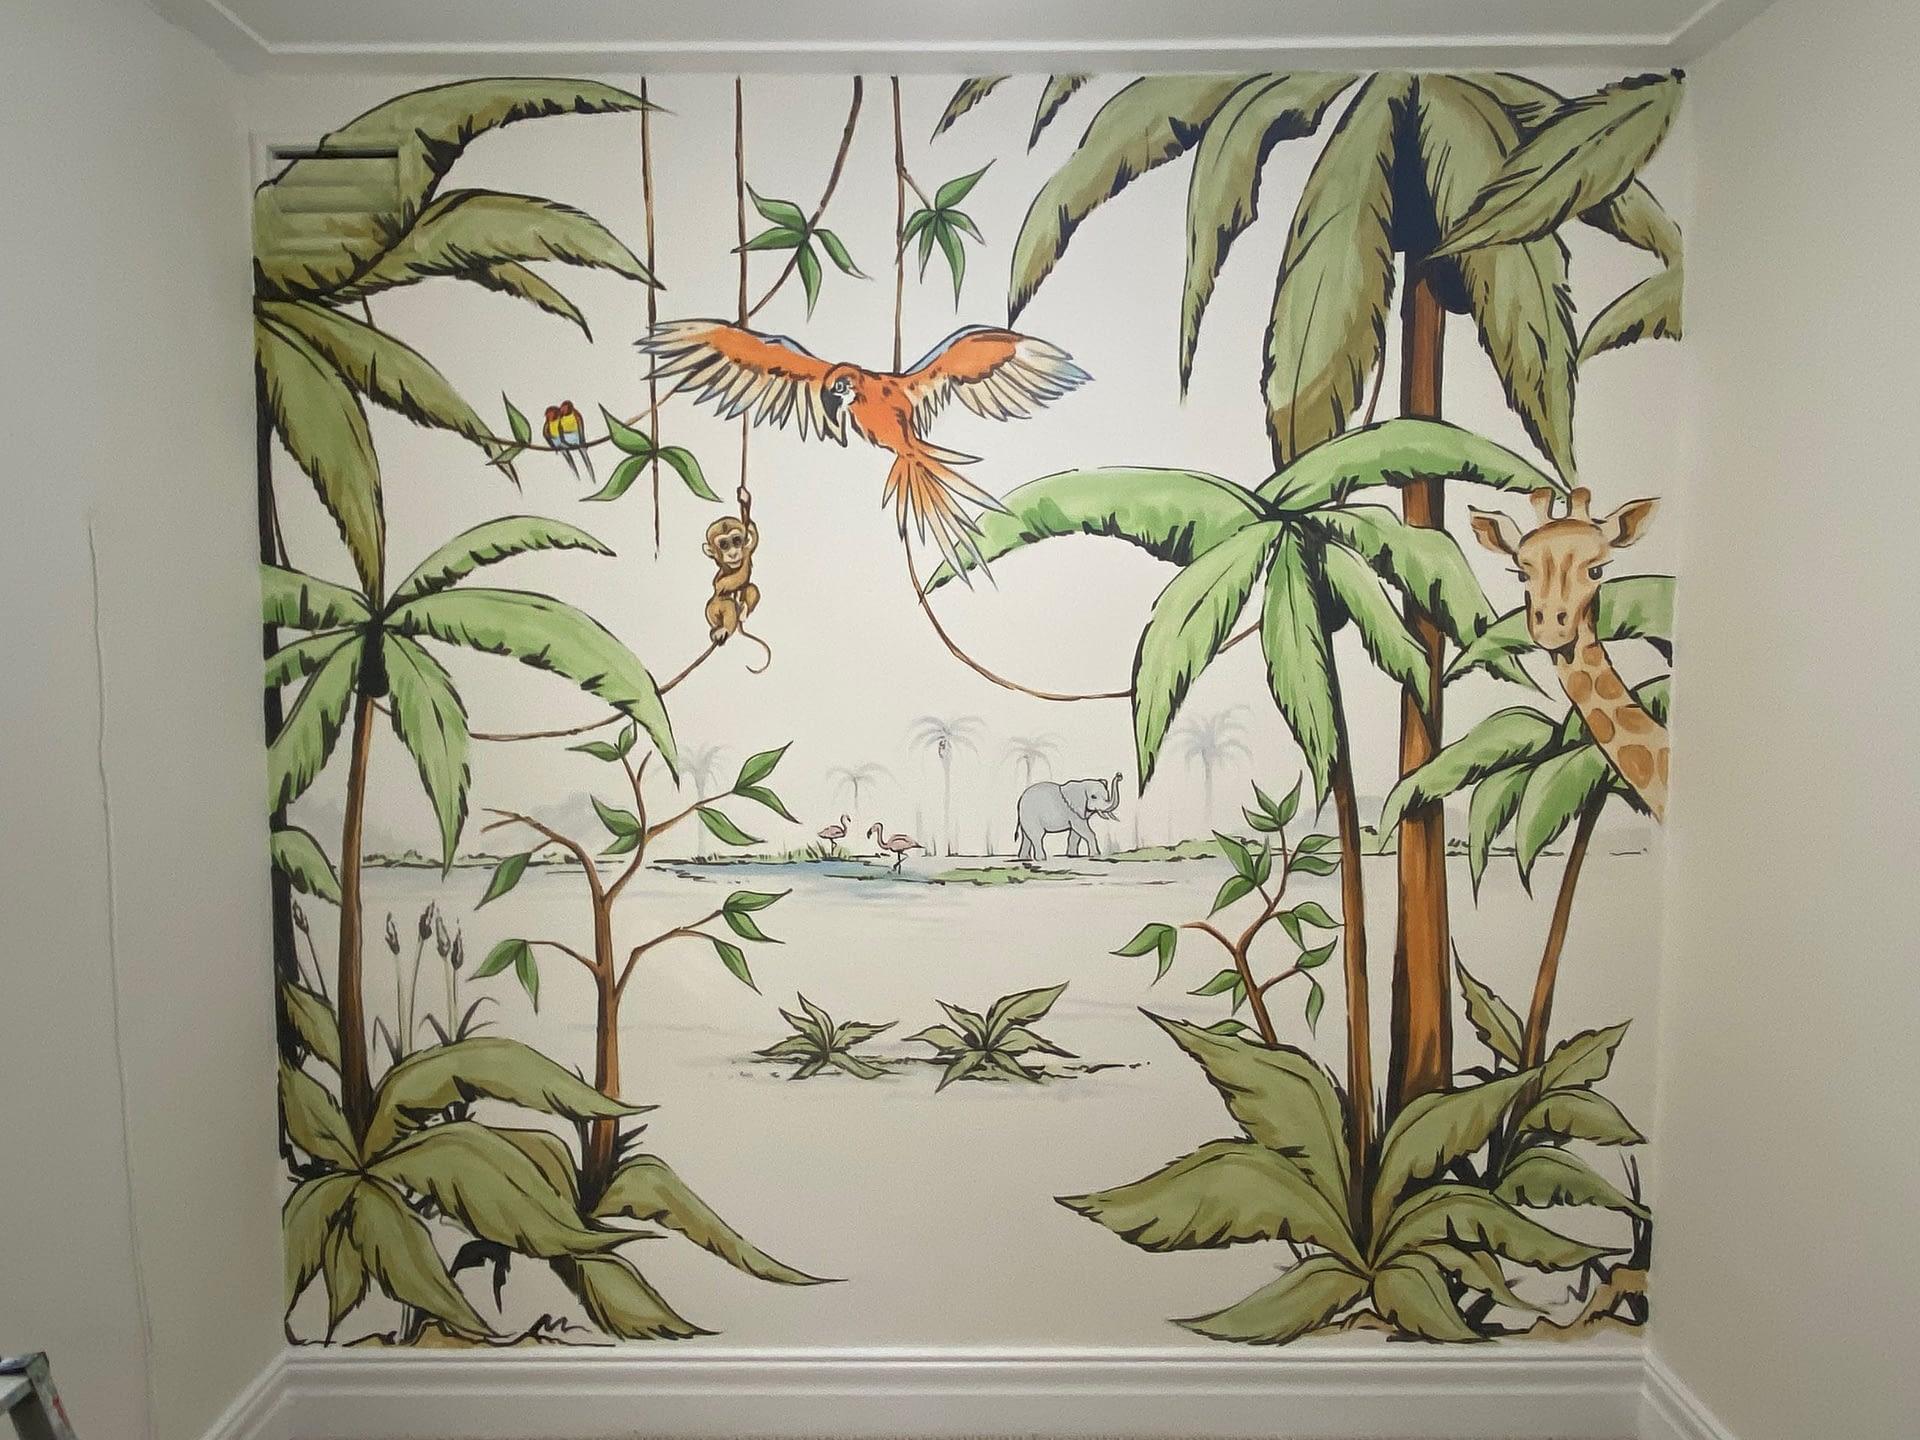 Illustrated Nursery mural